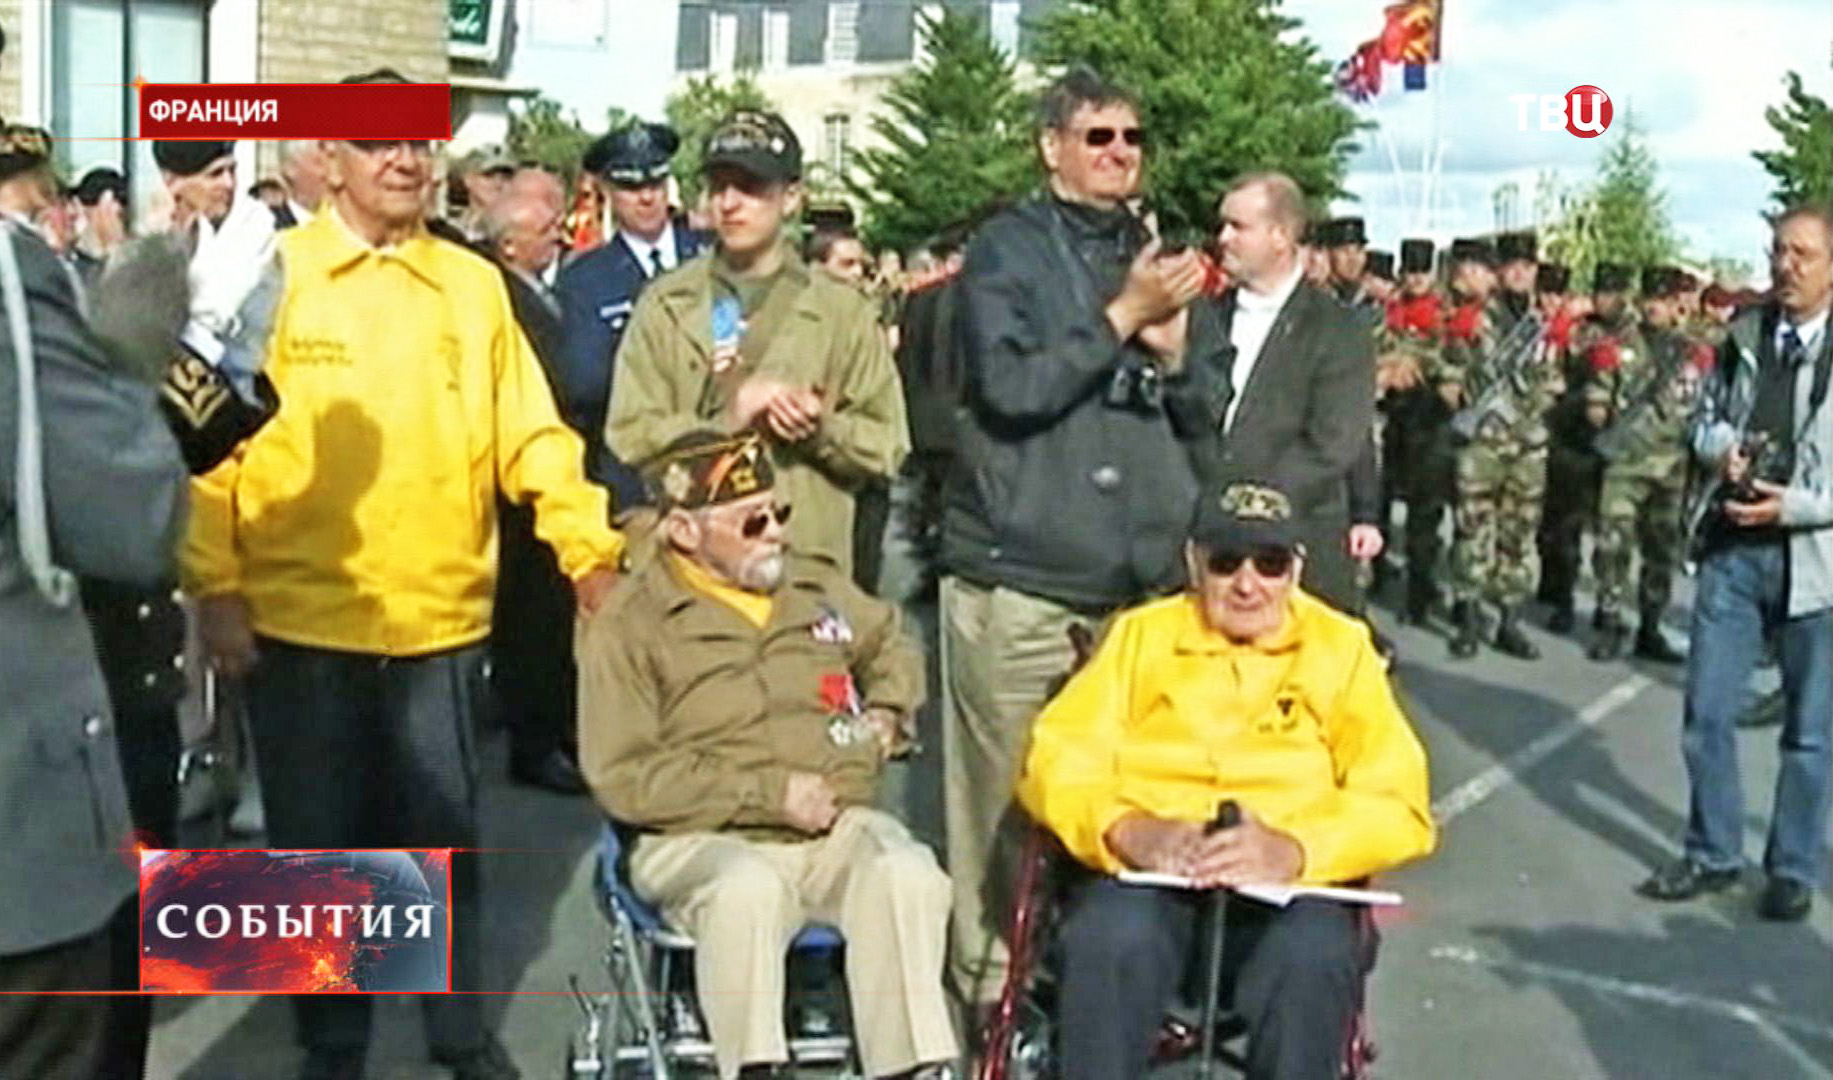 Памятные мероприятия посвященные юбилею открытия Западного фронта